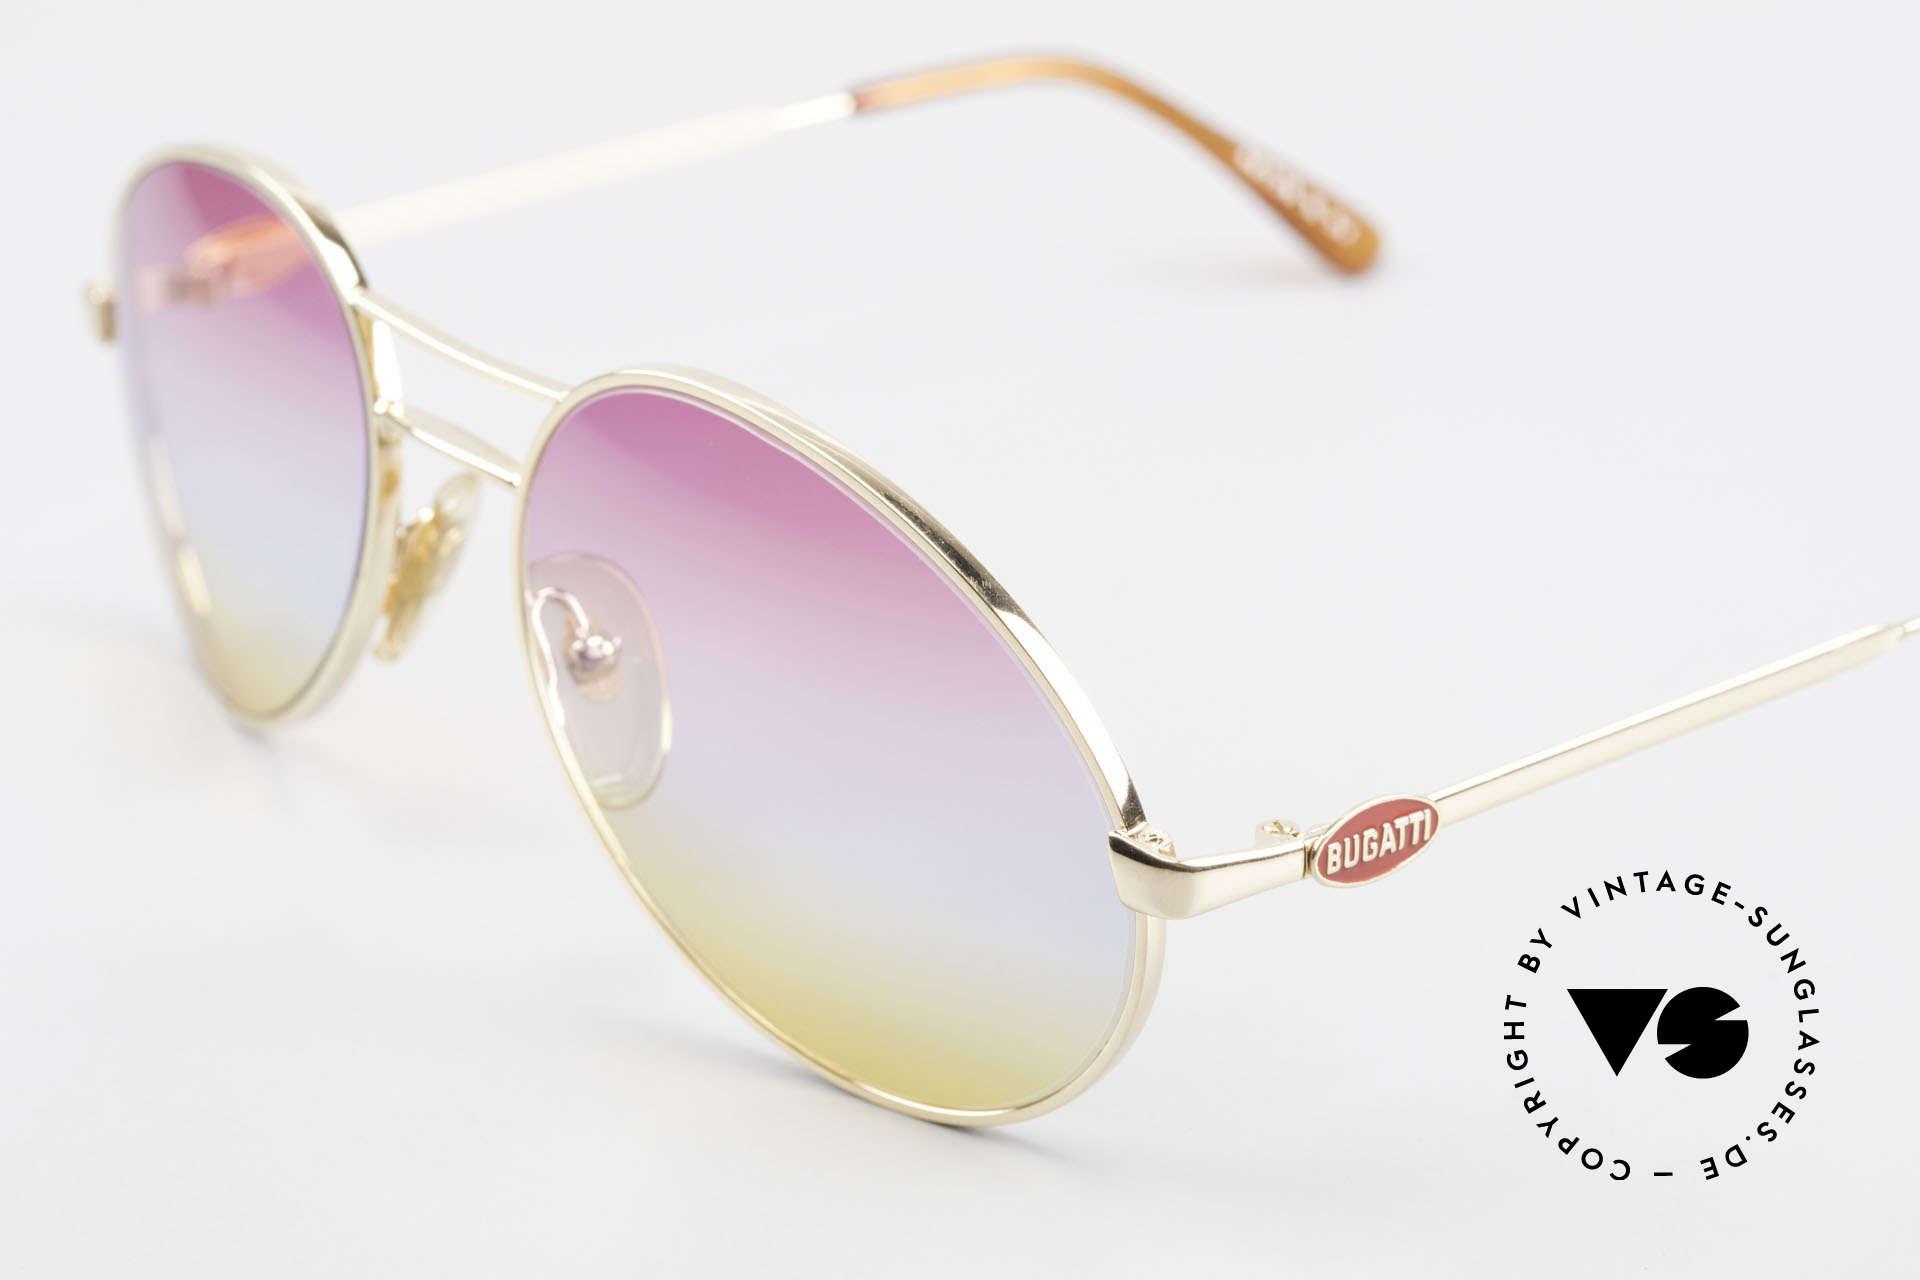 Bugatti 64335 Außergewöhnliche 80er Brille, originelle Gläser in 3fach Verlauf (Sunrise), Passend für Herren